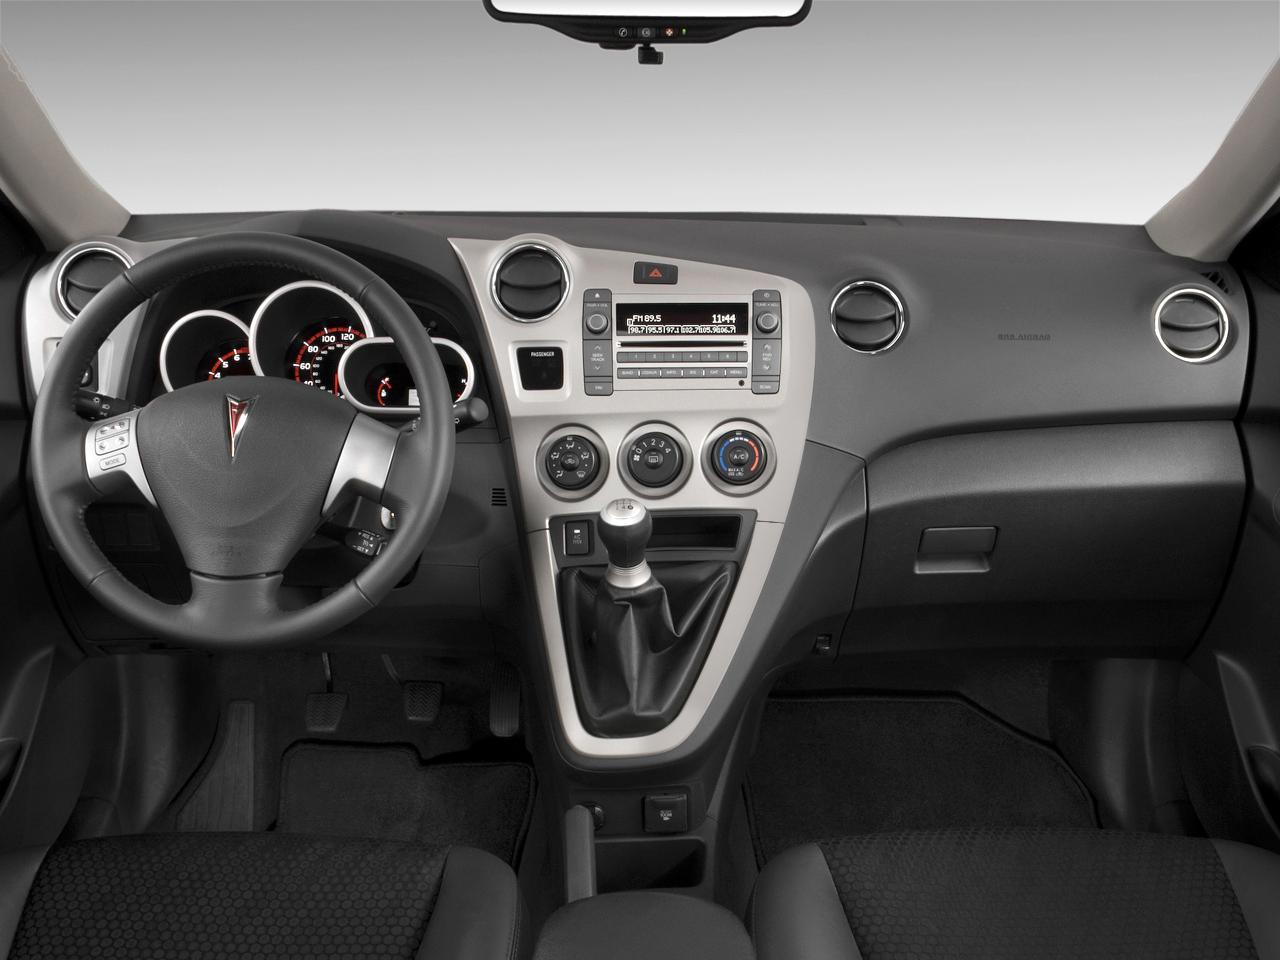 Pontiac Vibe Gt Wagon Dashboard